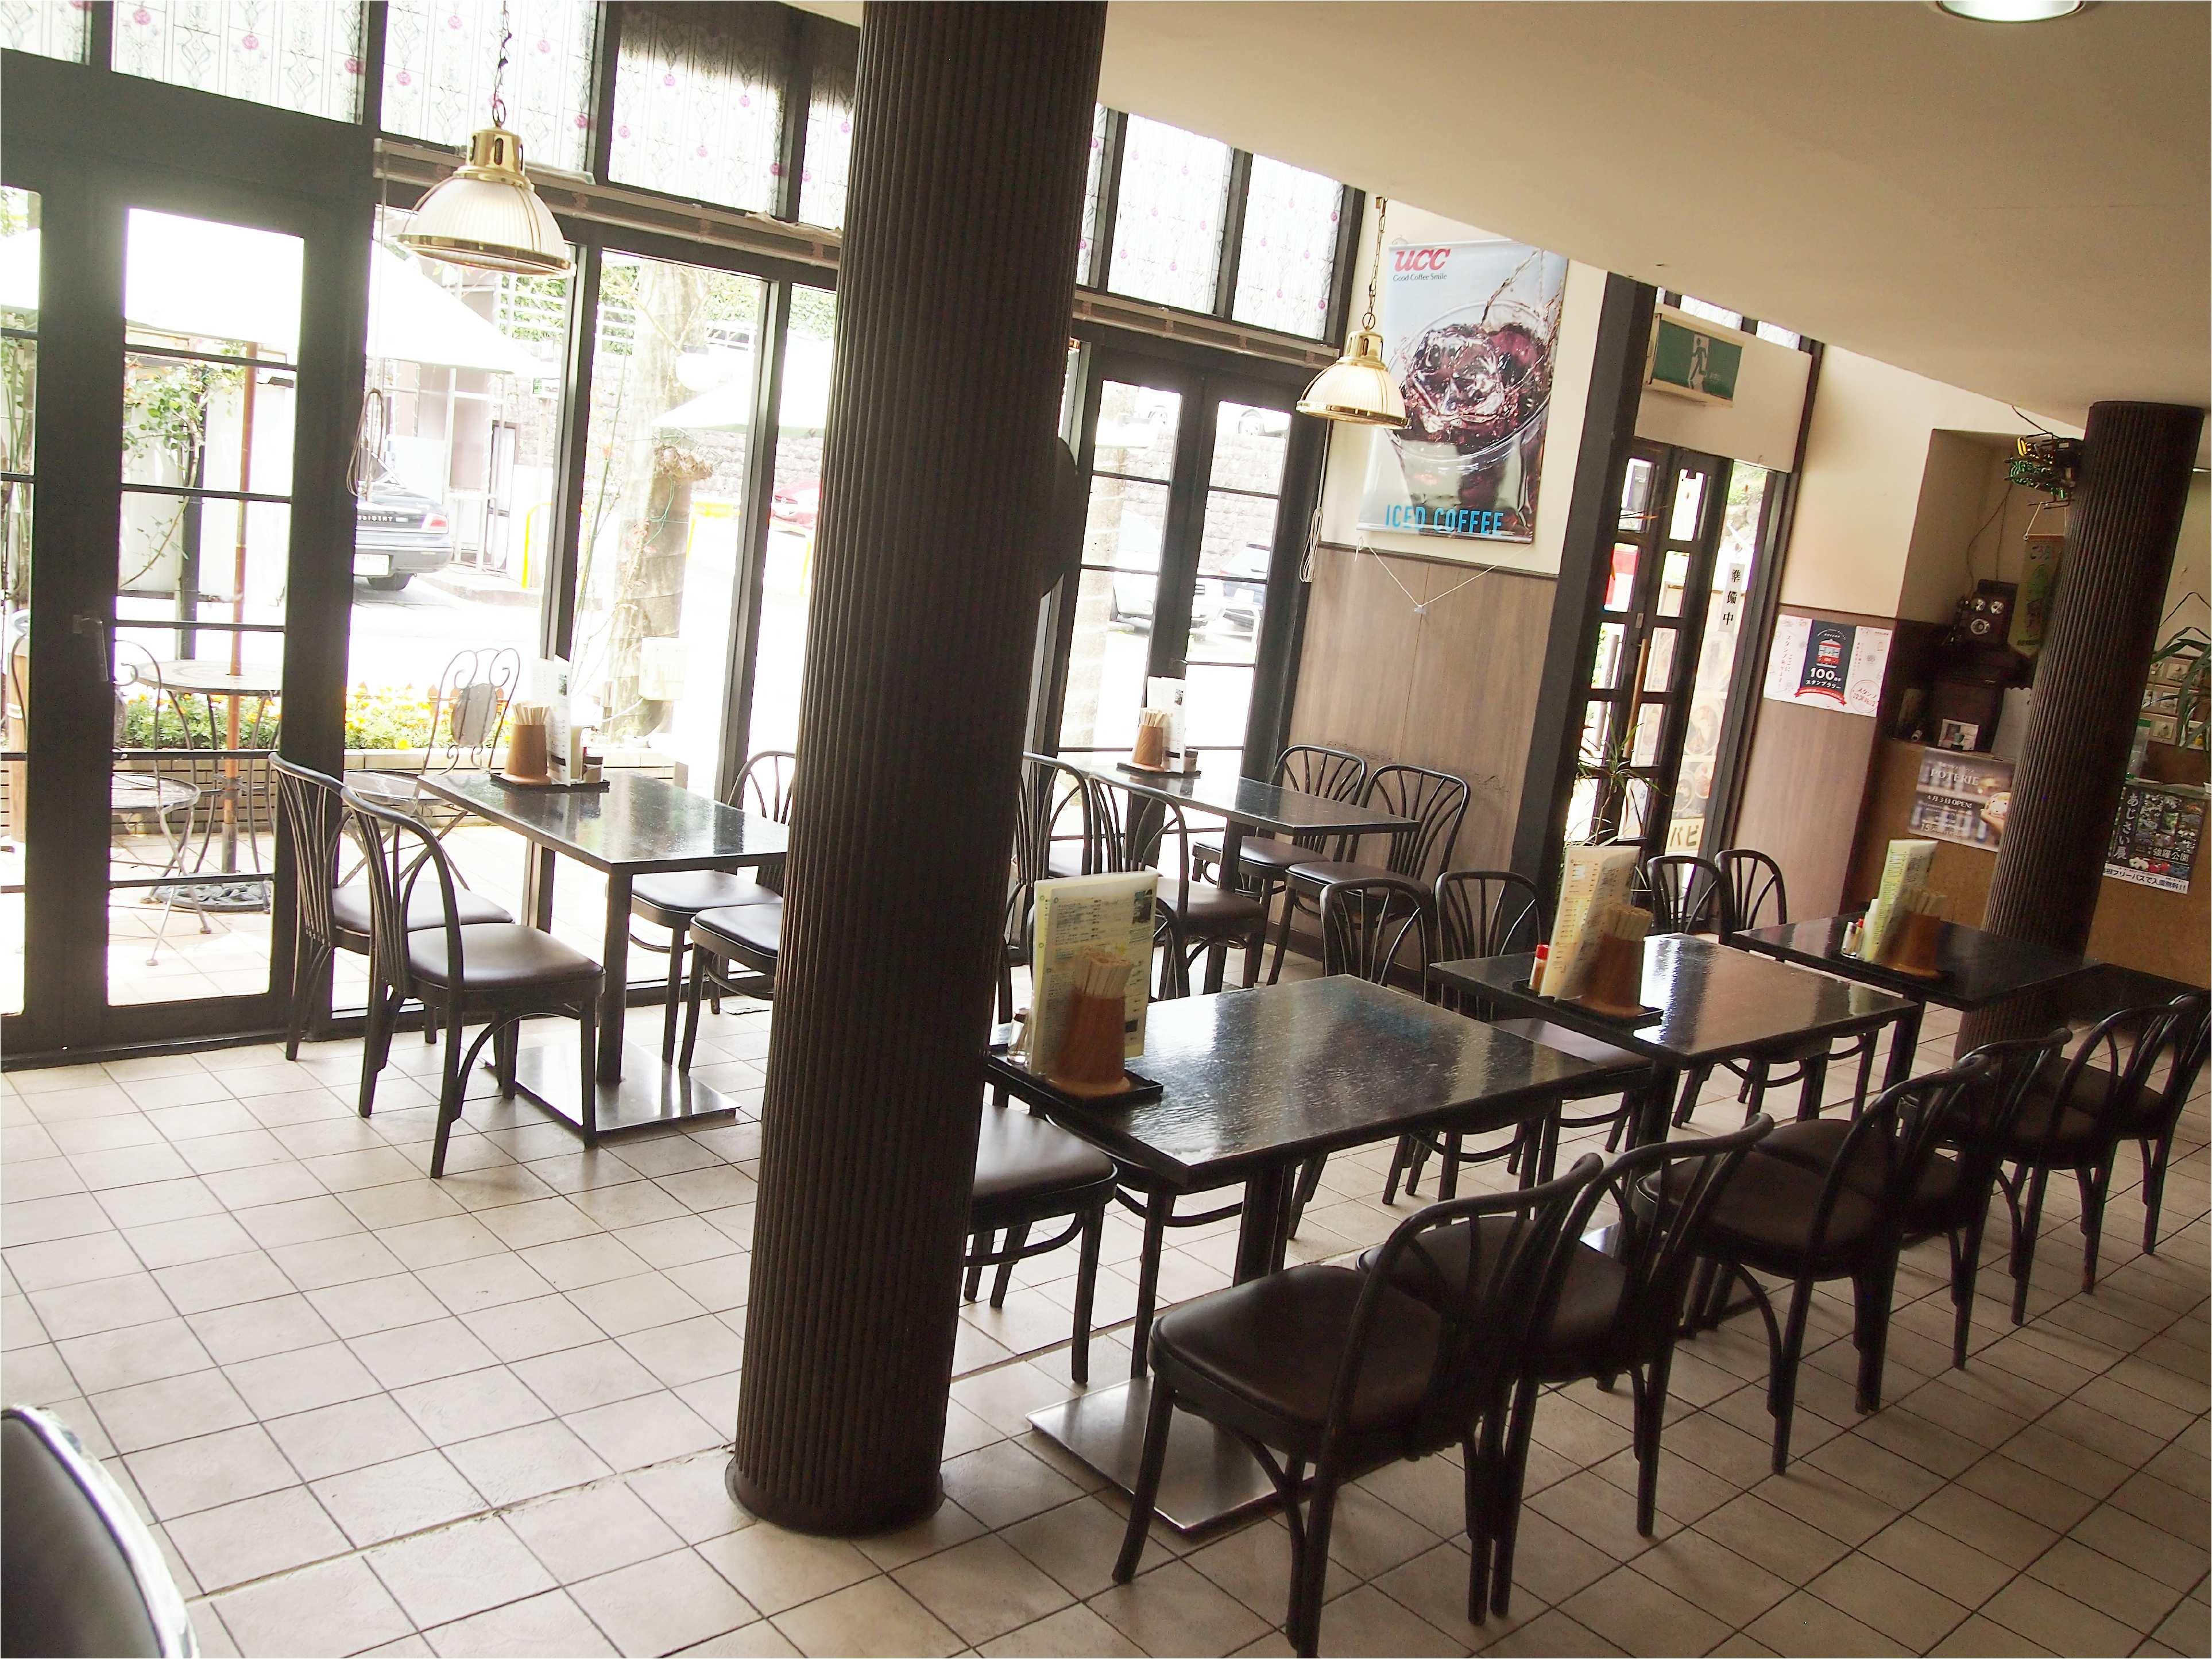 店内は客席同士のスペースが広くゆったりでき、路面側の大開口窓から入る自然光が心地よく開放感があります。